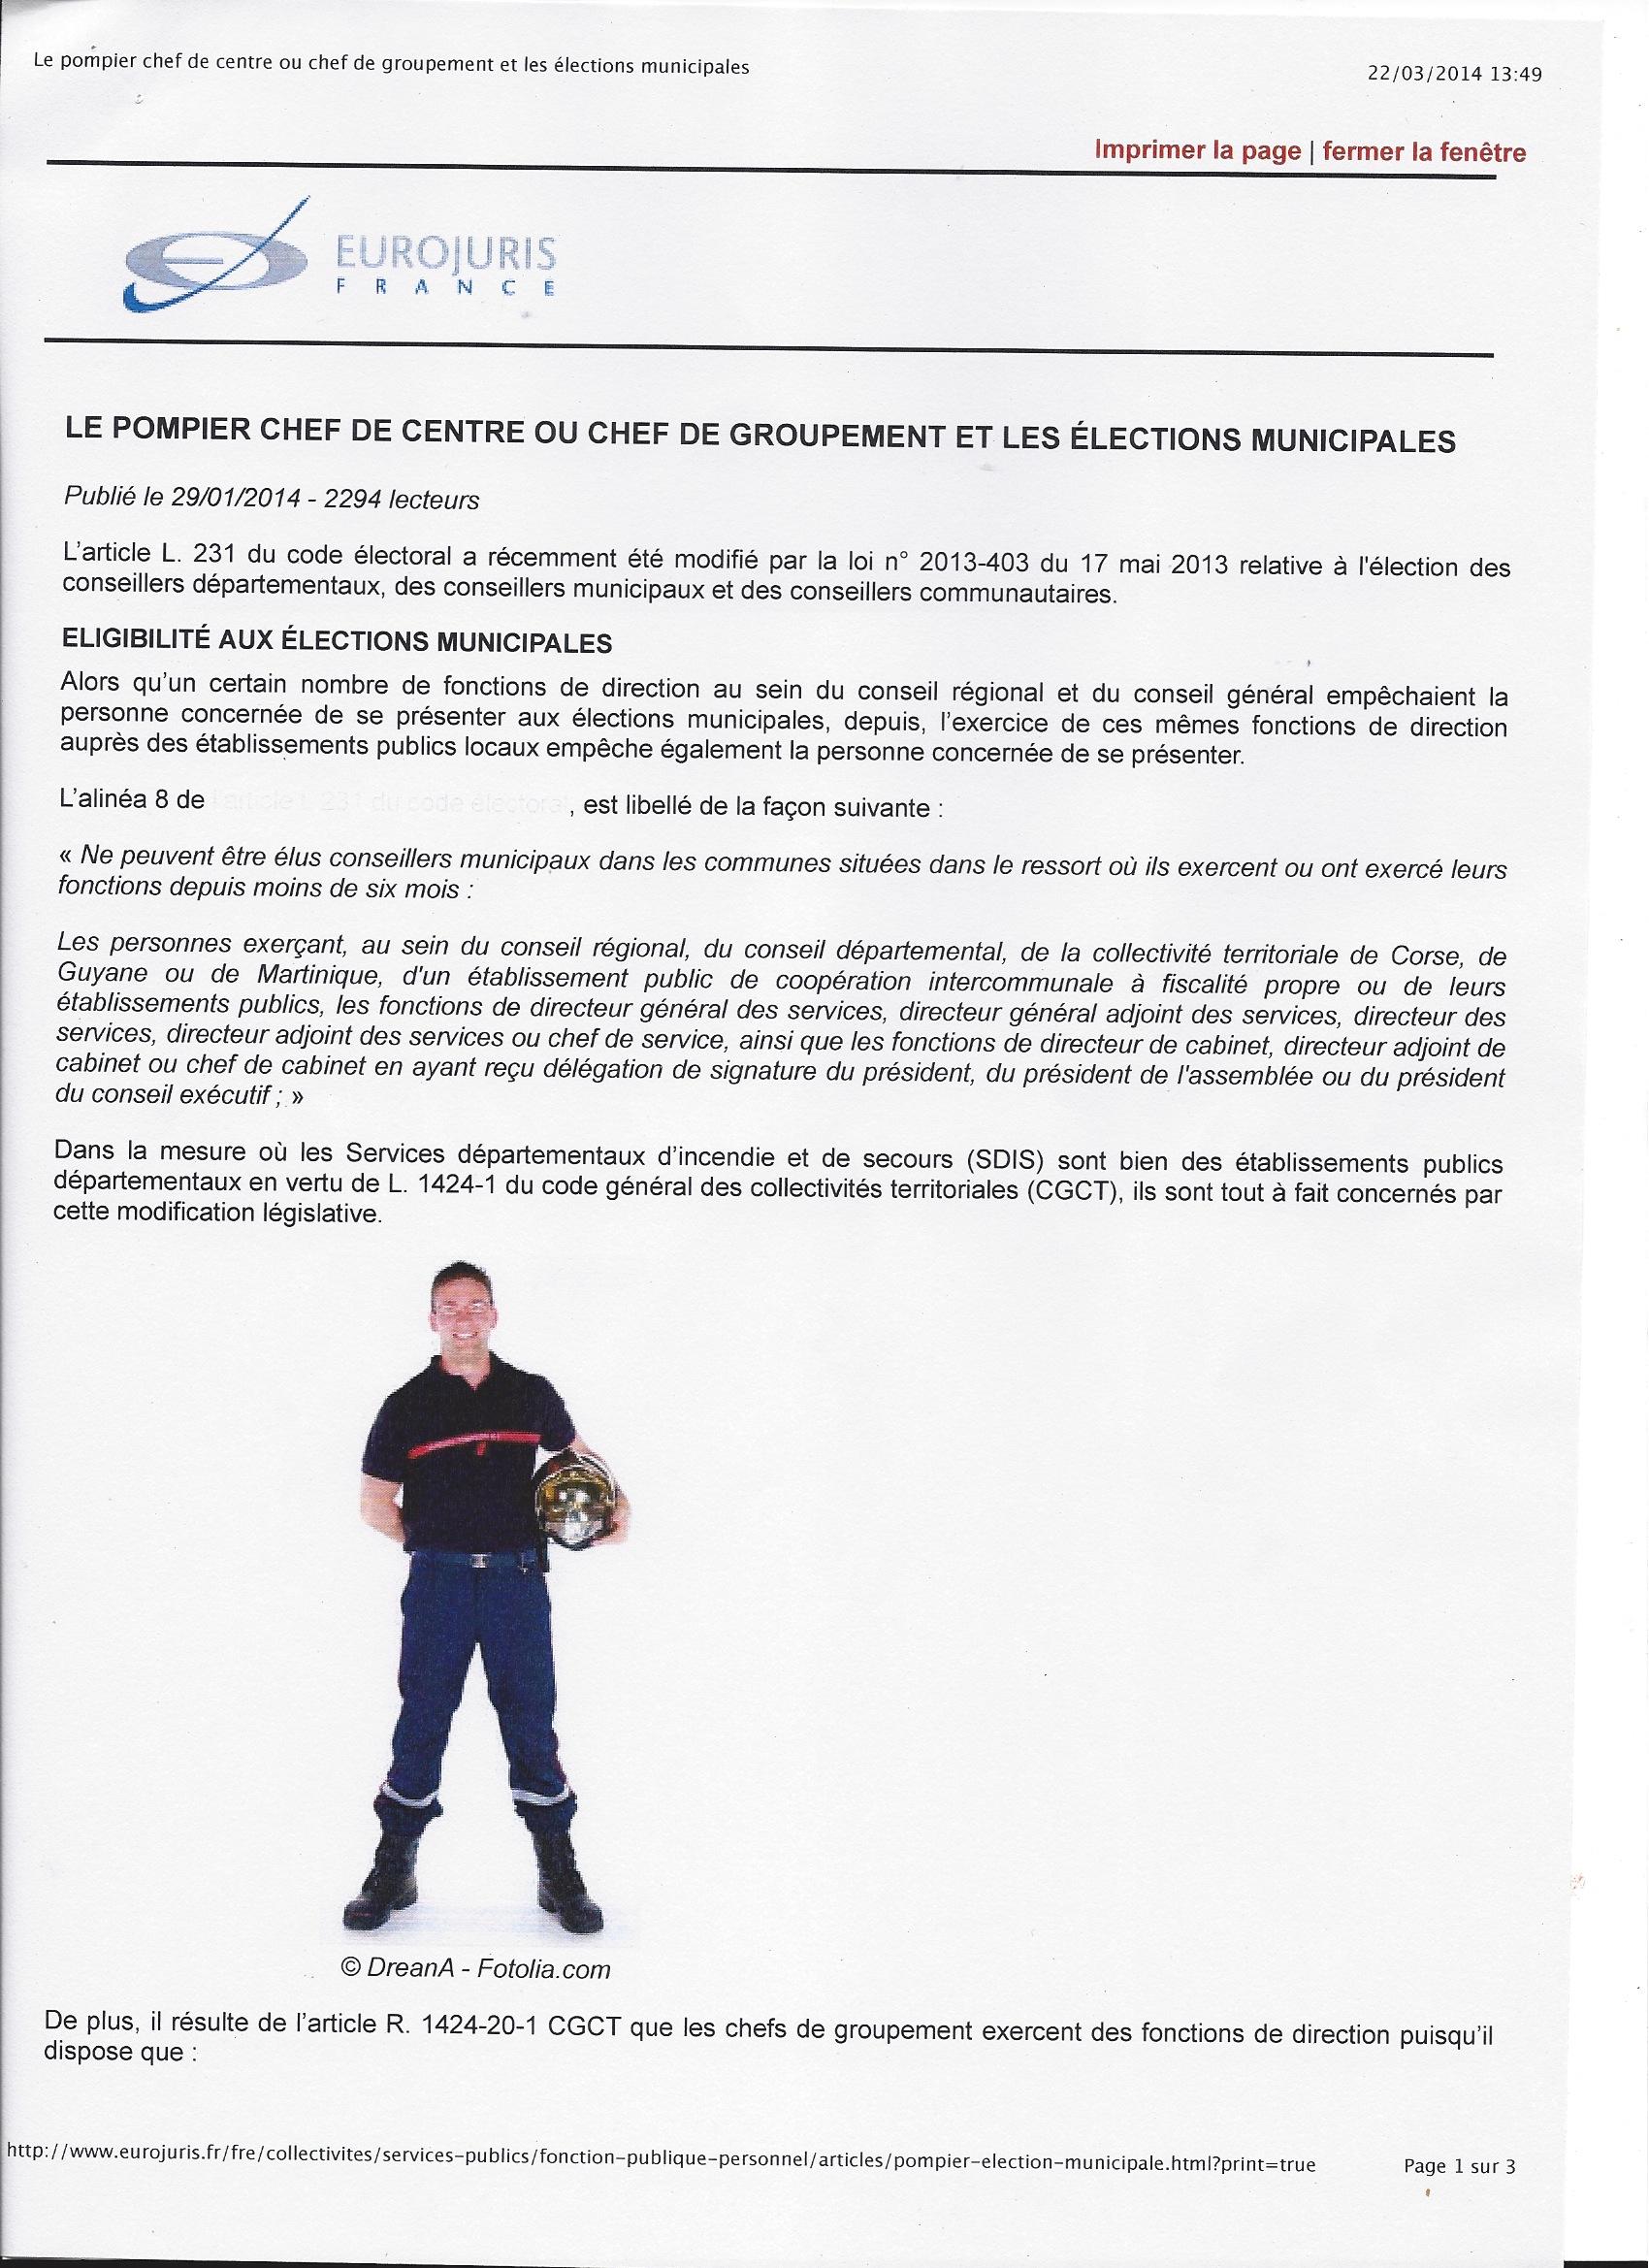 SAINTE LUCE : NILOR comme LE MIM est-il dans la tourmente judiciaire?L'affaire du pompier pilotin!